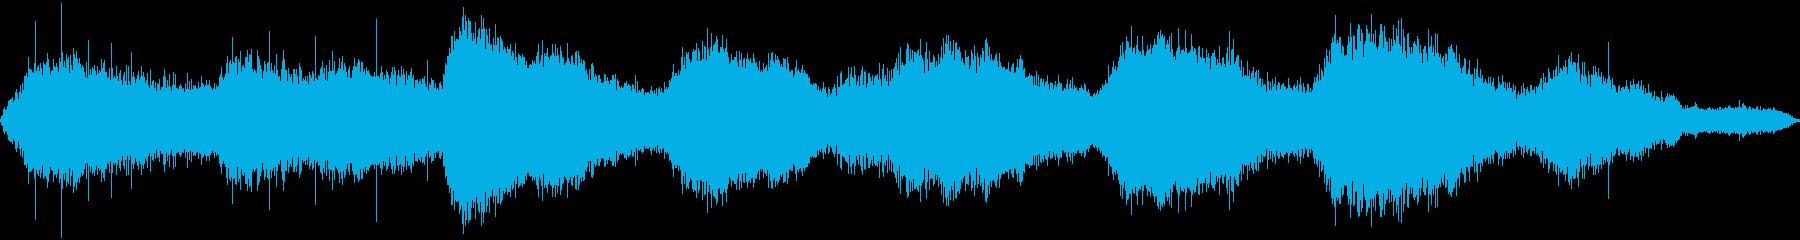 【ホラー】 ワンシーン_異世界の雨の再生済みの波形